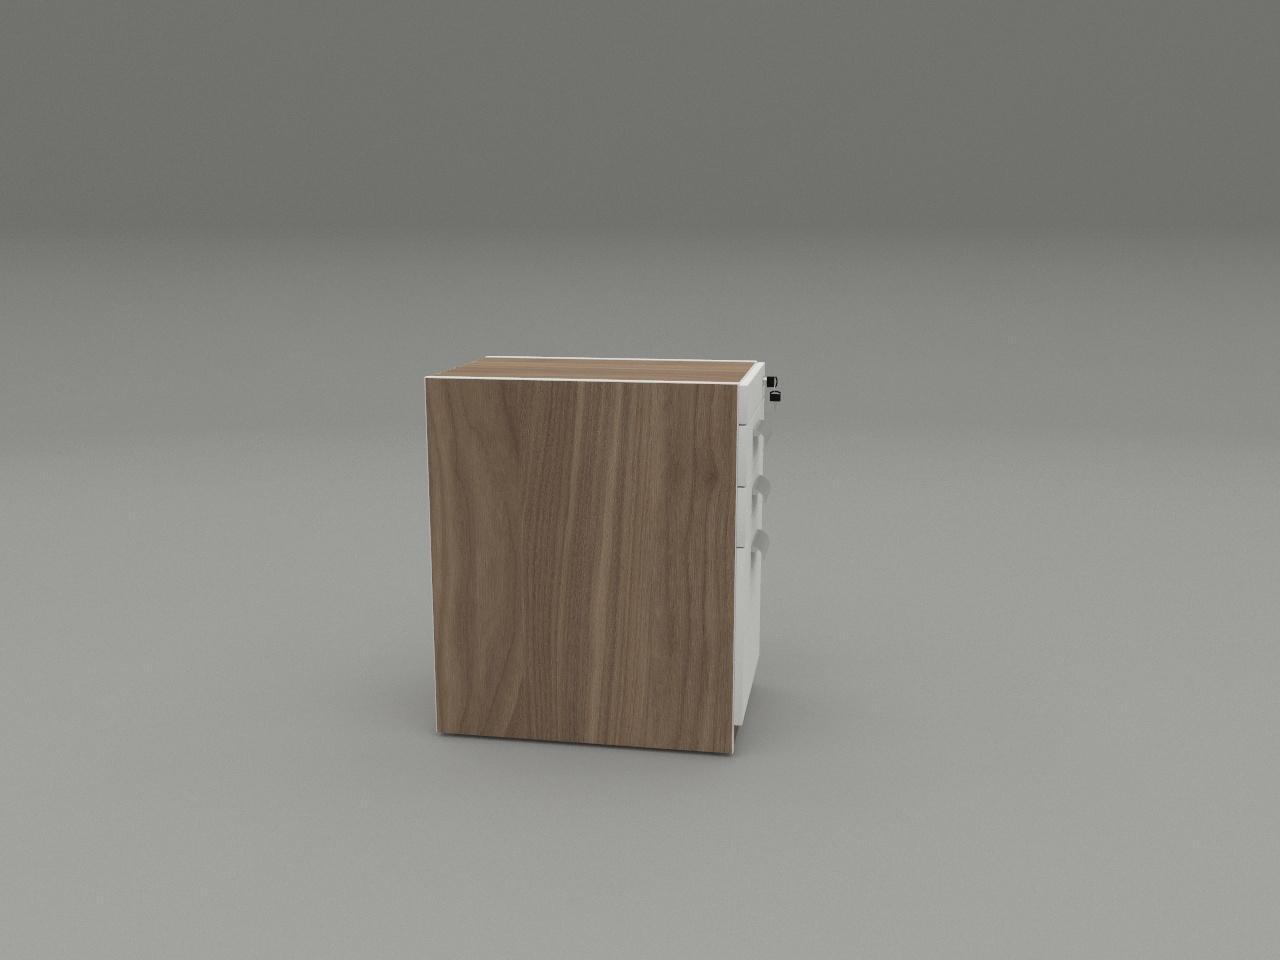 cajonera con 1 archivador y 2 utileros carta light eco h71 40 x 60 cm con rodajas